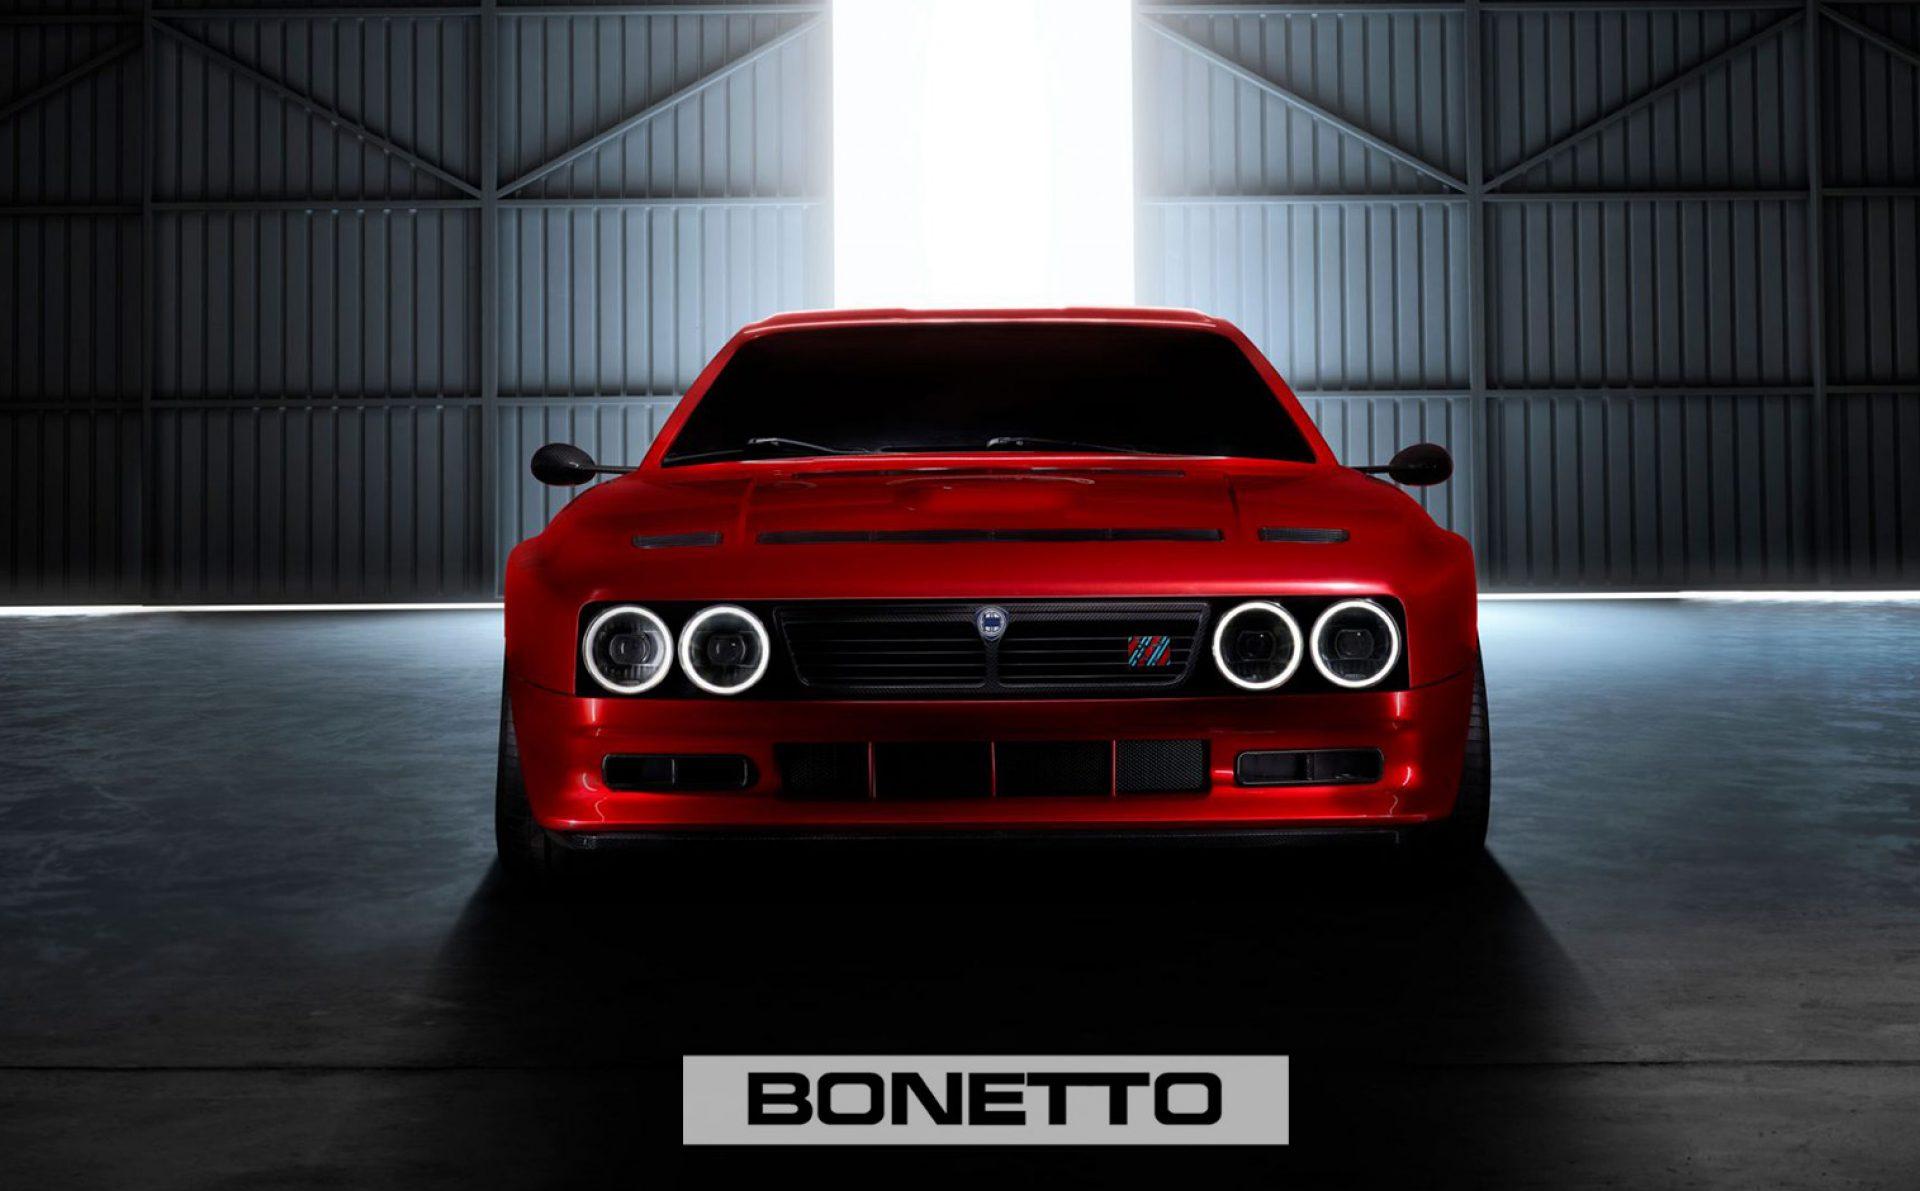 BonettoCV